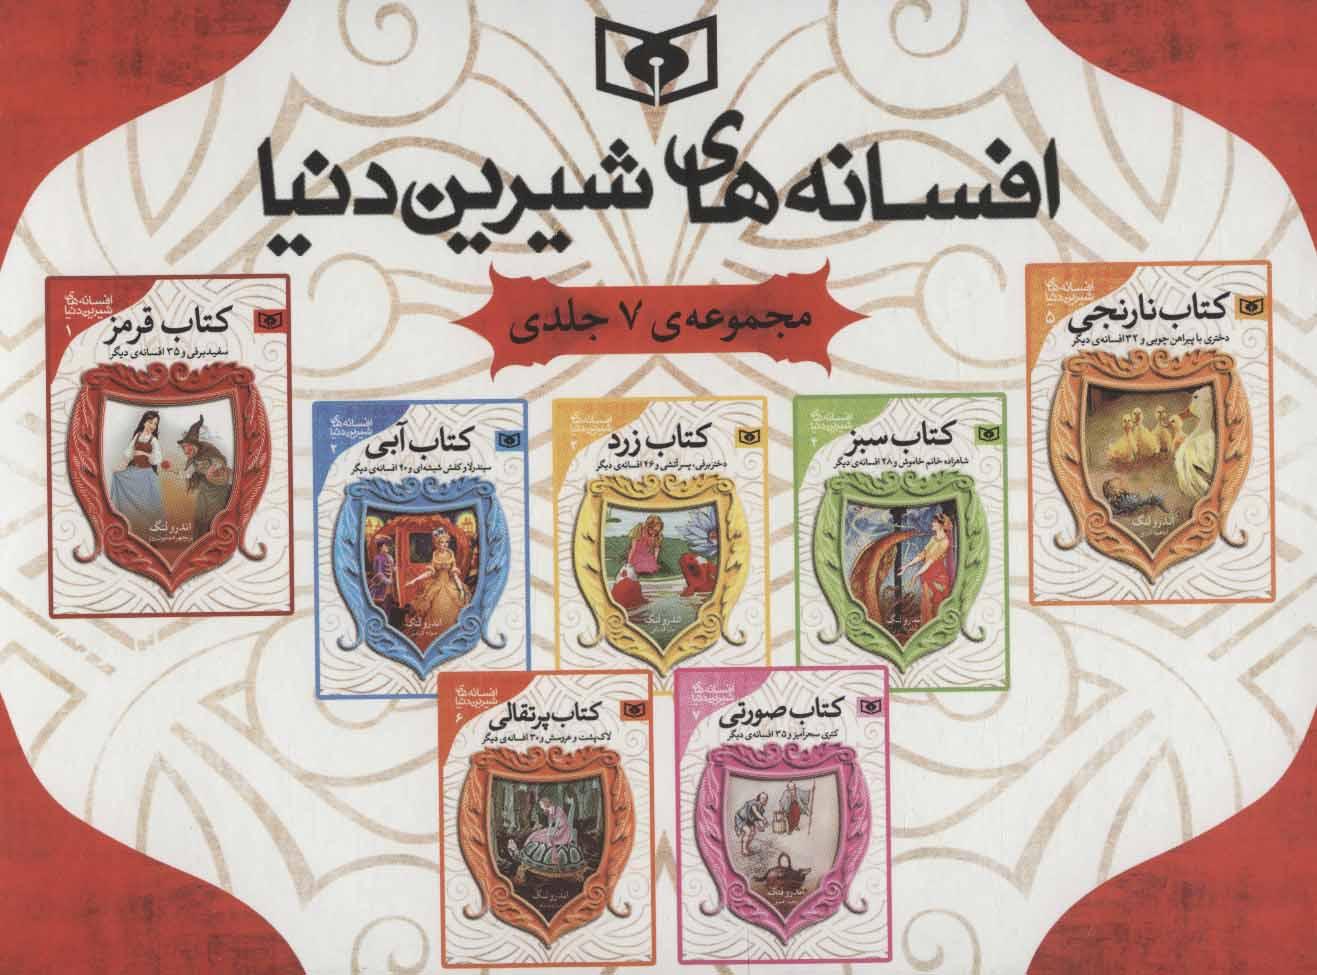 مجموعه افسانه های شیرین دنیا (7جلدی،باقاب)